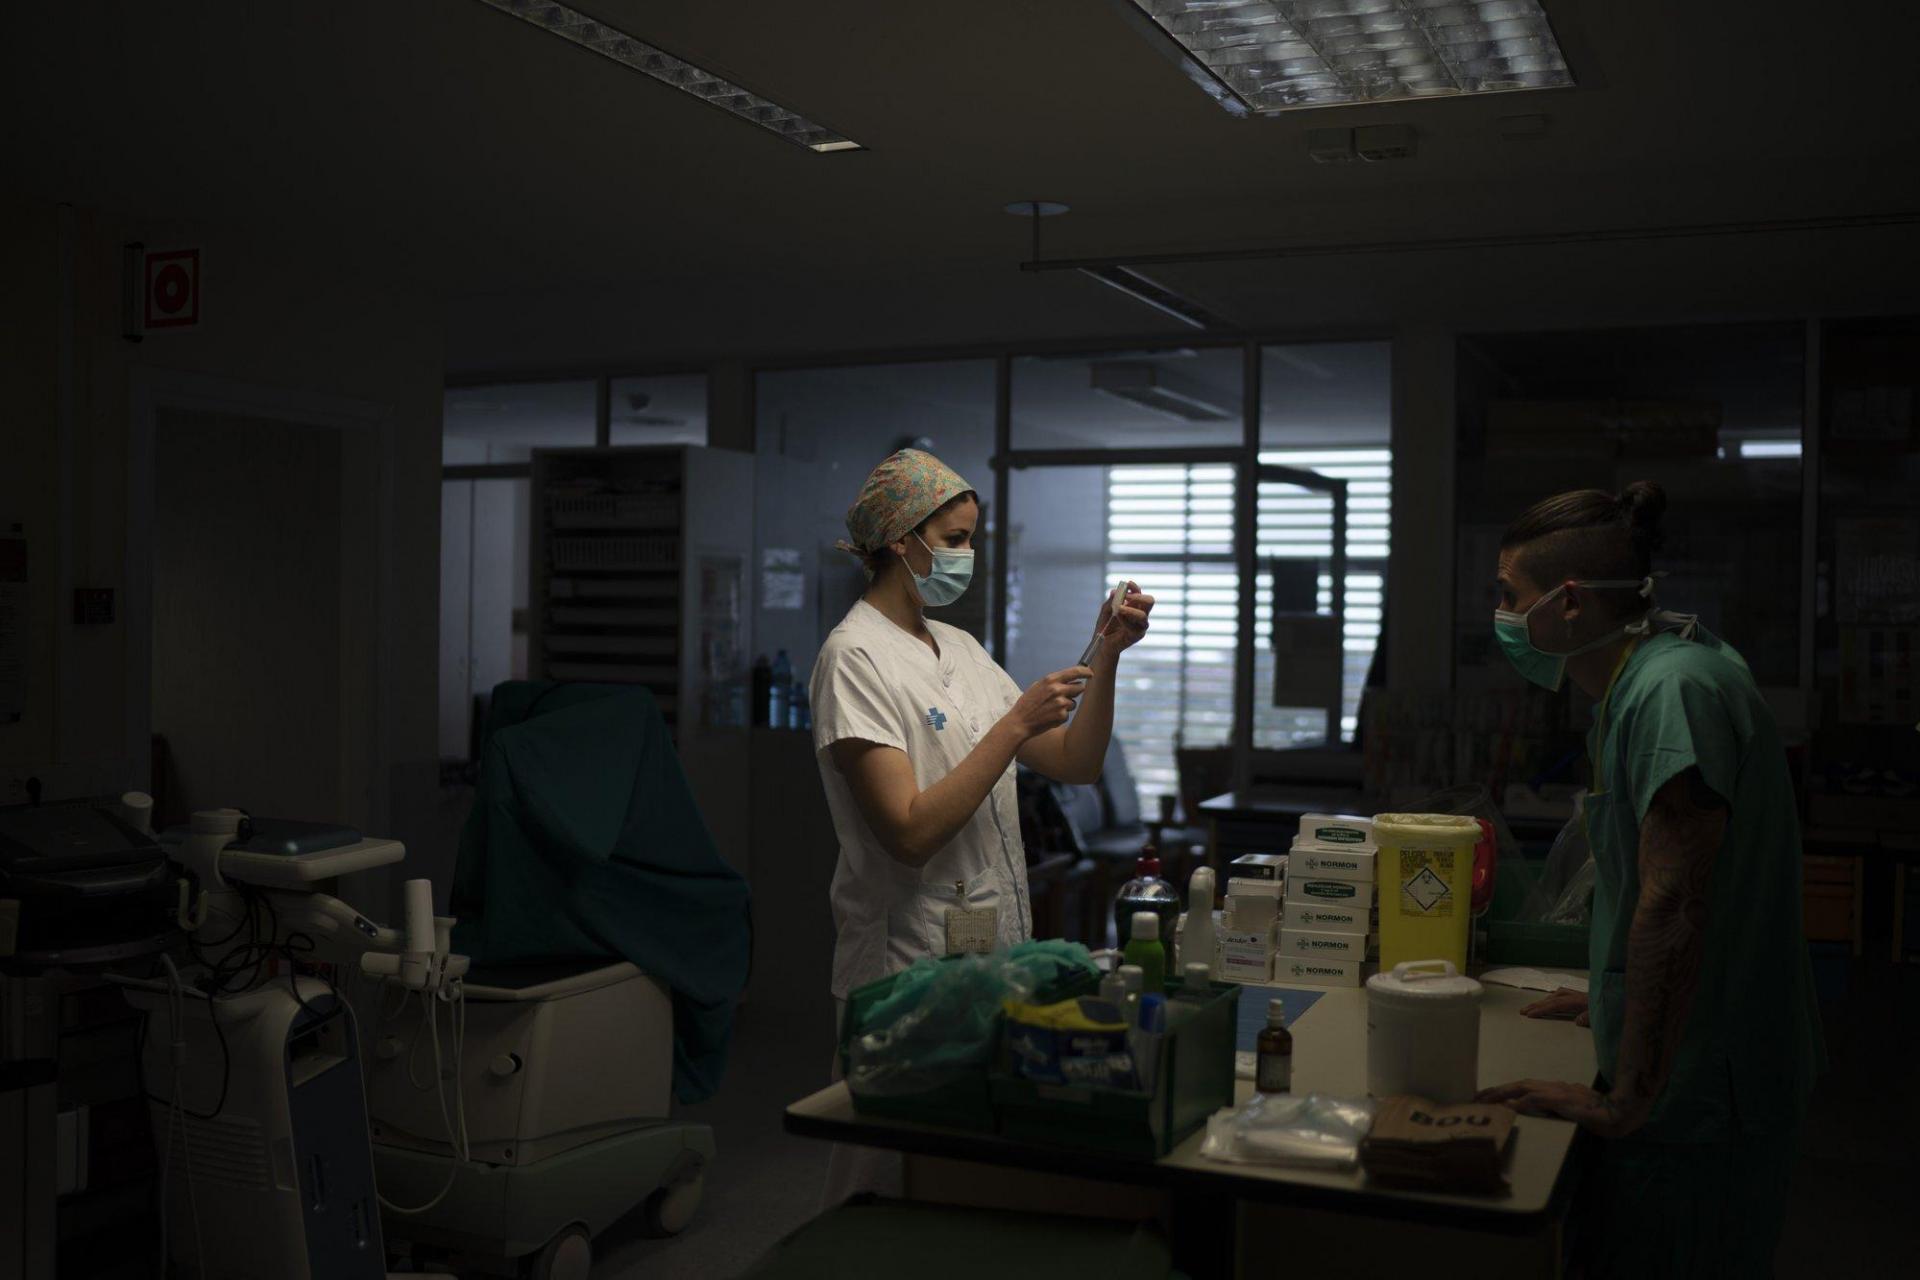 Một nhân viên y tế đang chuẩn bị thuốc cho bệnh nhân Covid-19 tại khu cách ly.